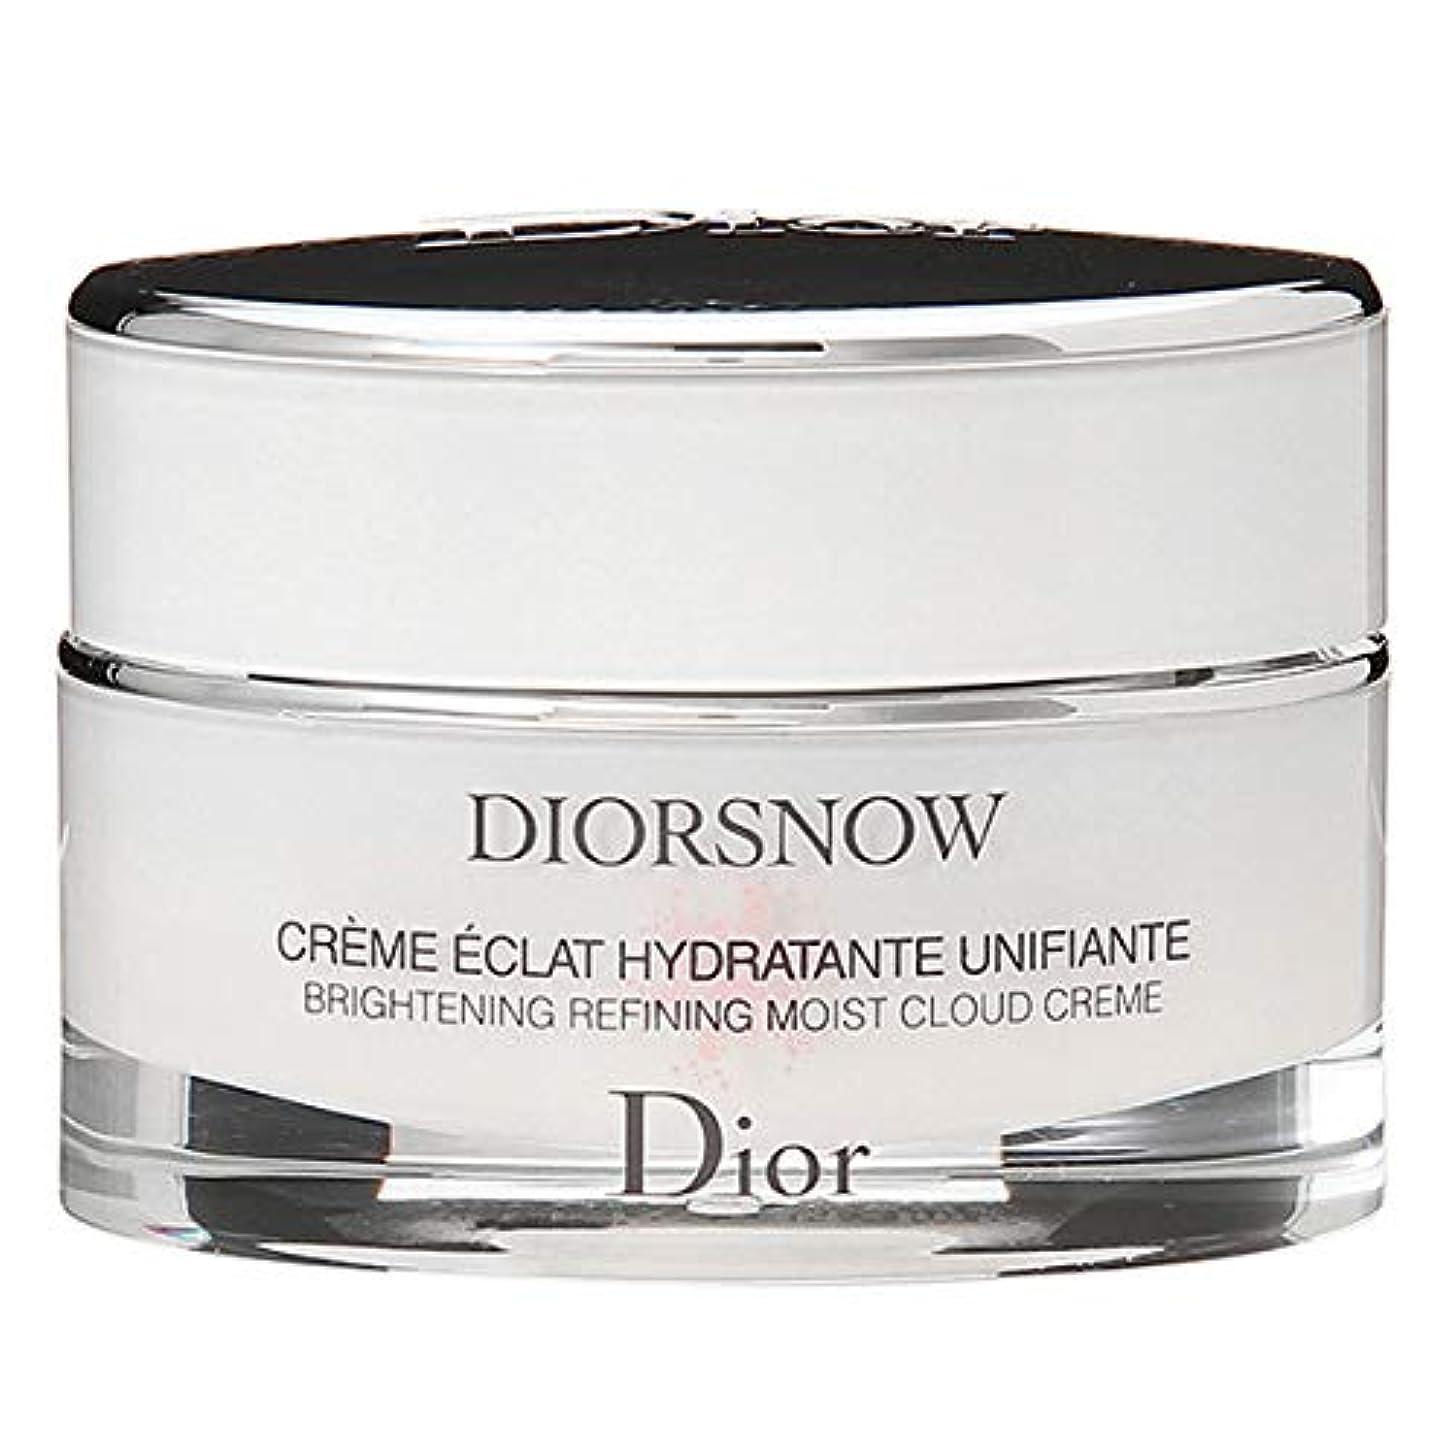 そこから満州クスコクリスチャンディオール Christian Dior ディオール スノー ブライトニング モイスト クリーム 50mL [並行輸入品]